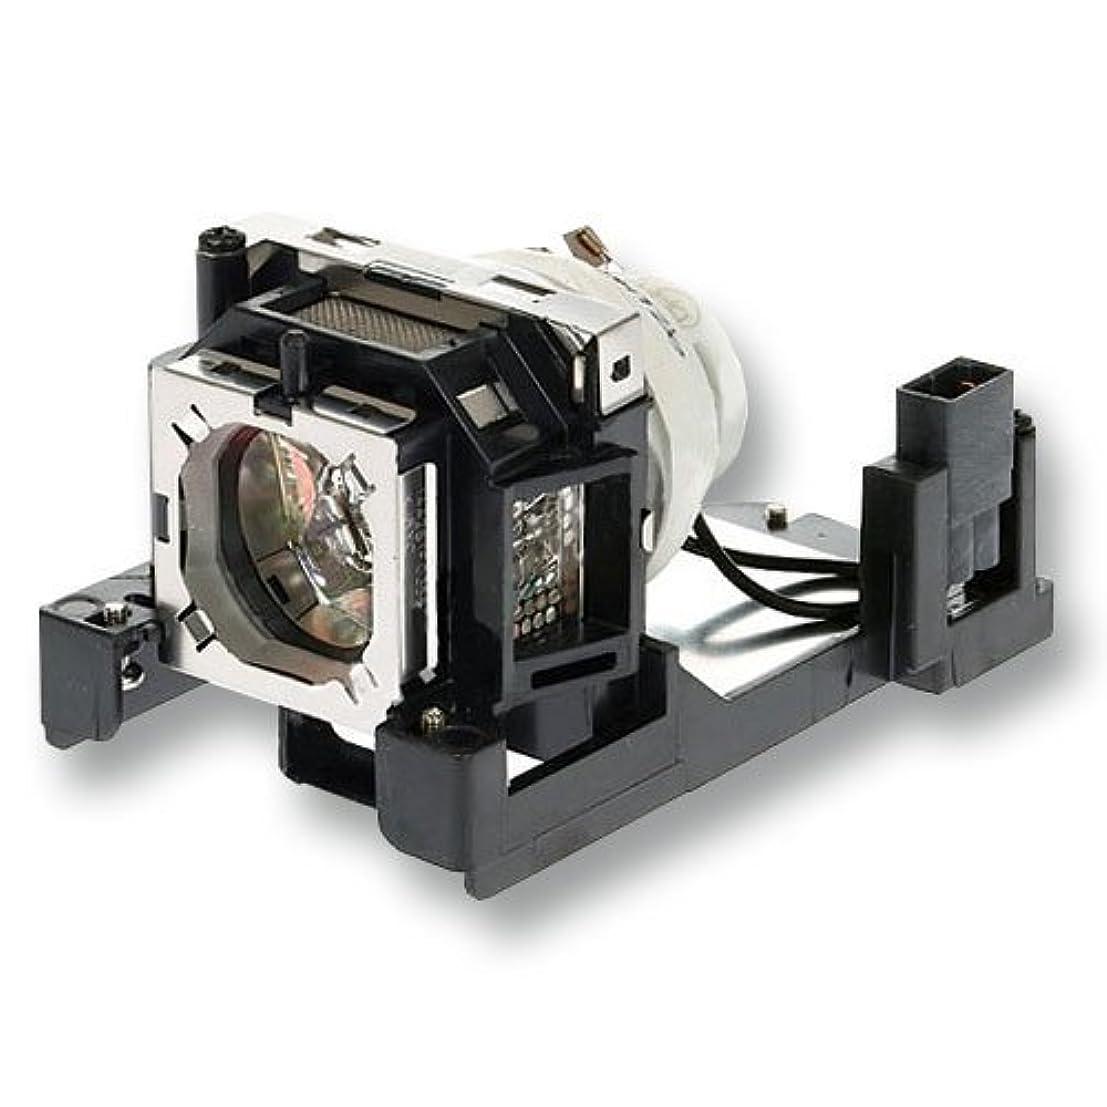 支援縮れた誘うSanyo 610 350 2892 Replacement Lamp with Housing for Sanyo Projector [並行輸入品]